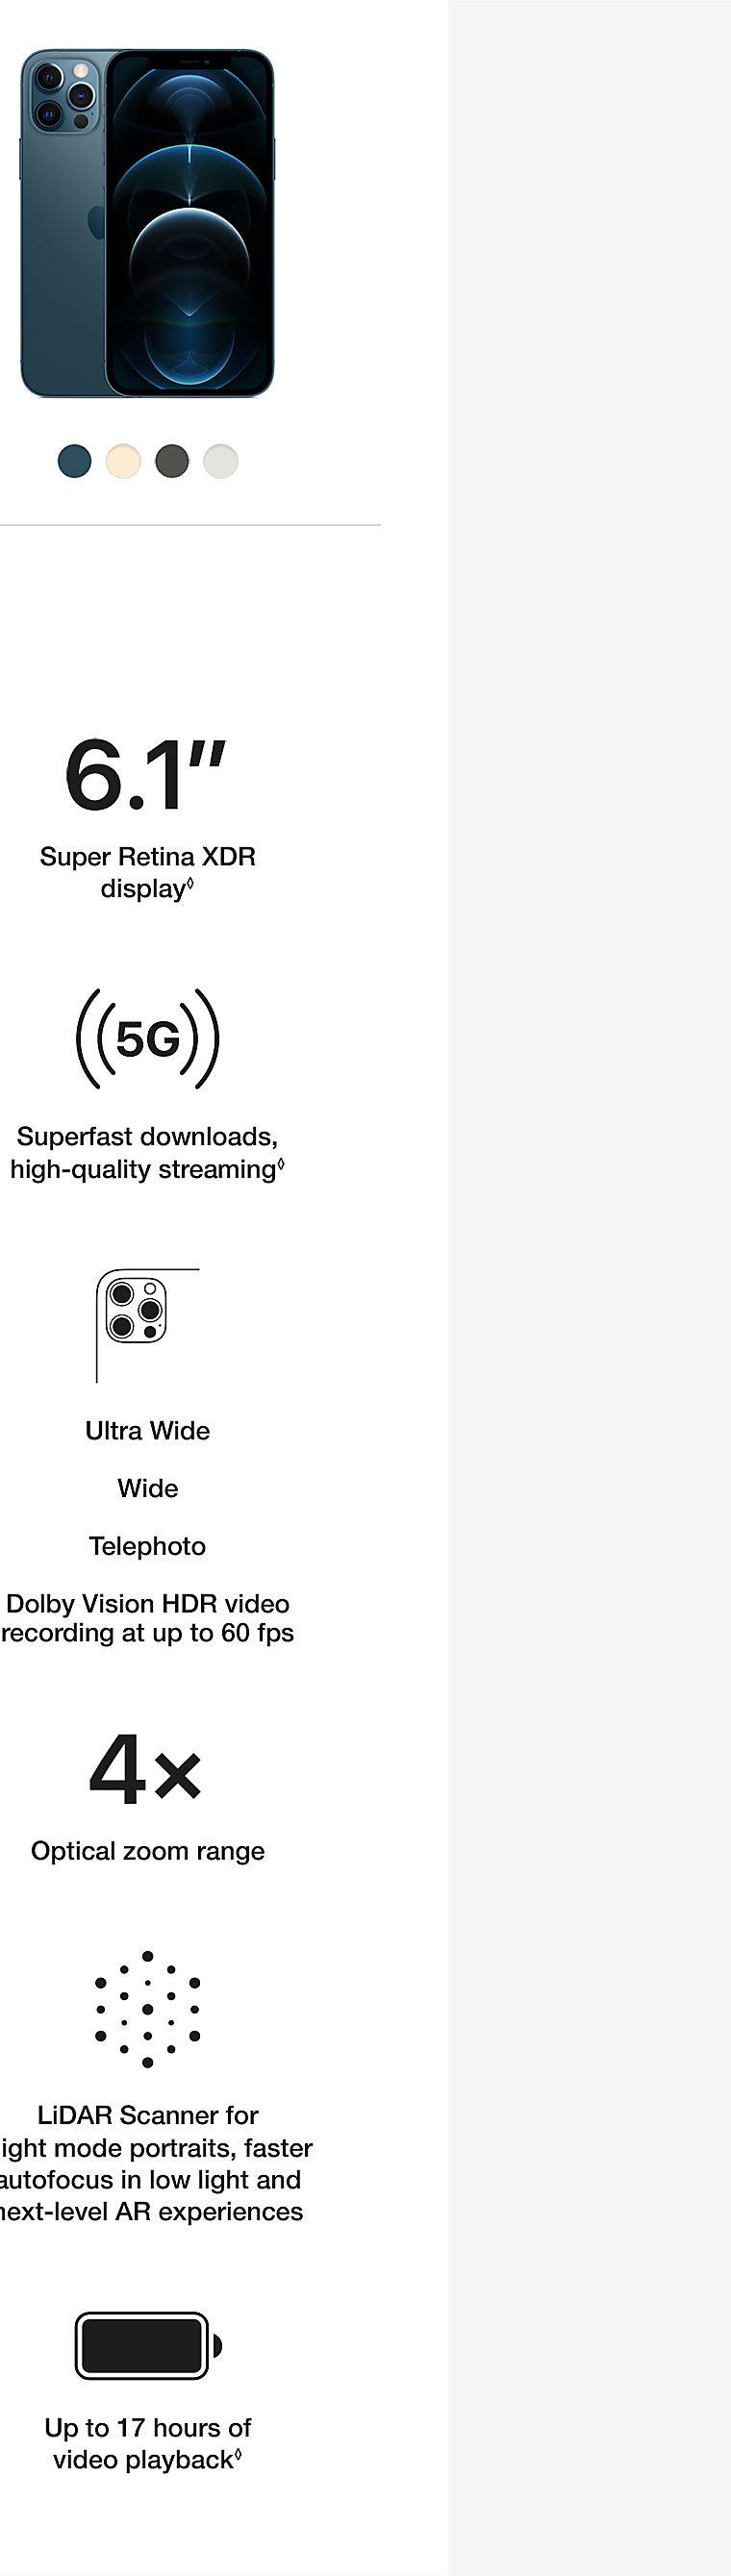 Apple iPhone 12 Pro Specs